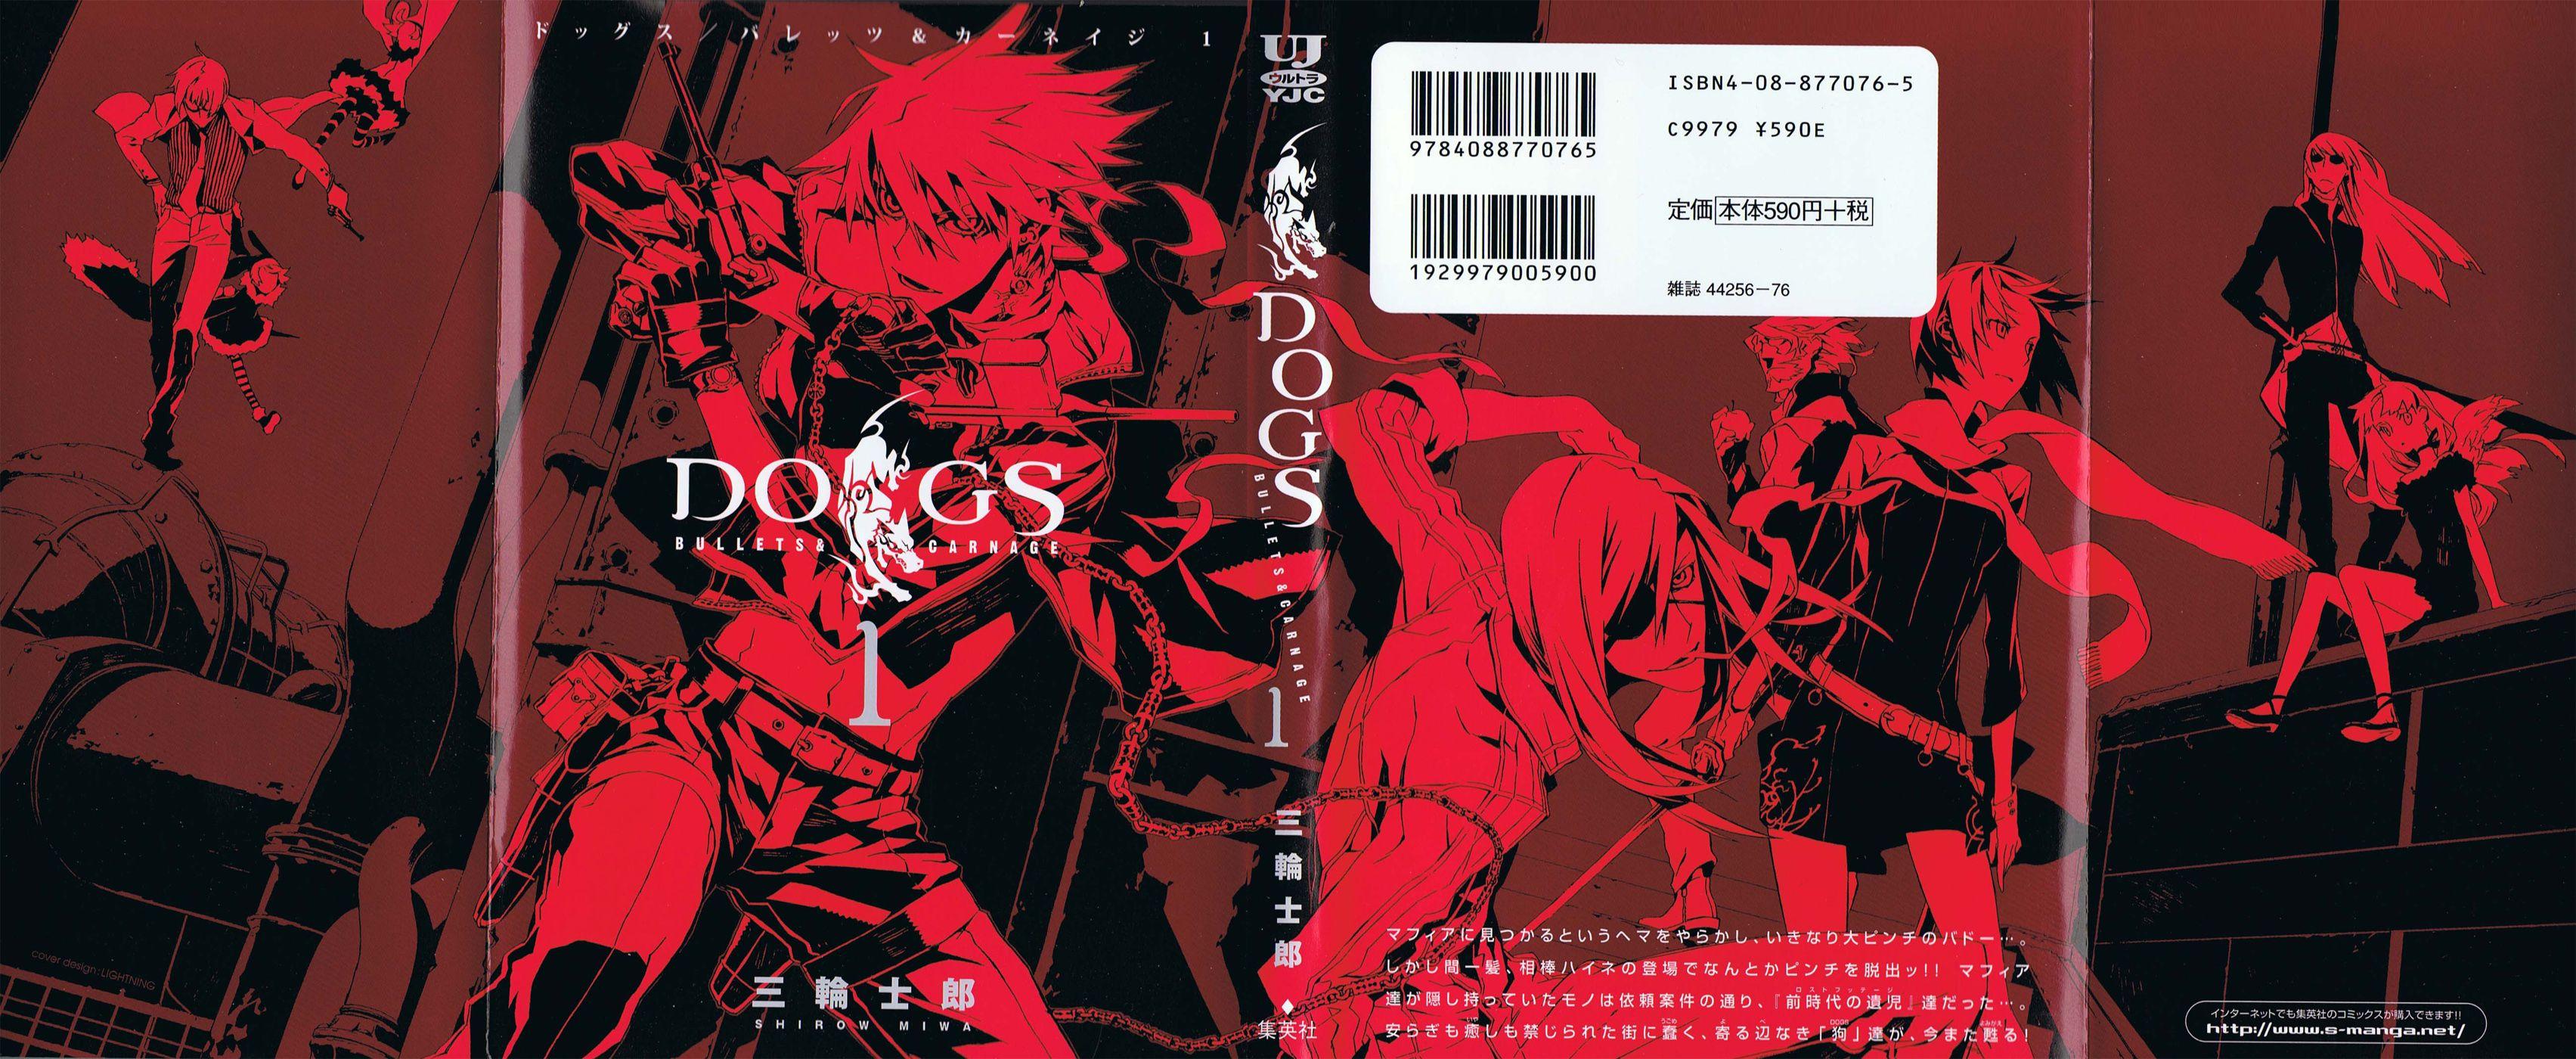 /Dogs Bullets & Carnage/1079774 Zerochan Манга